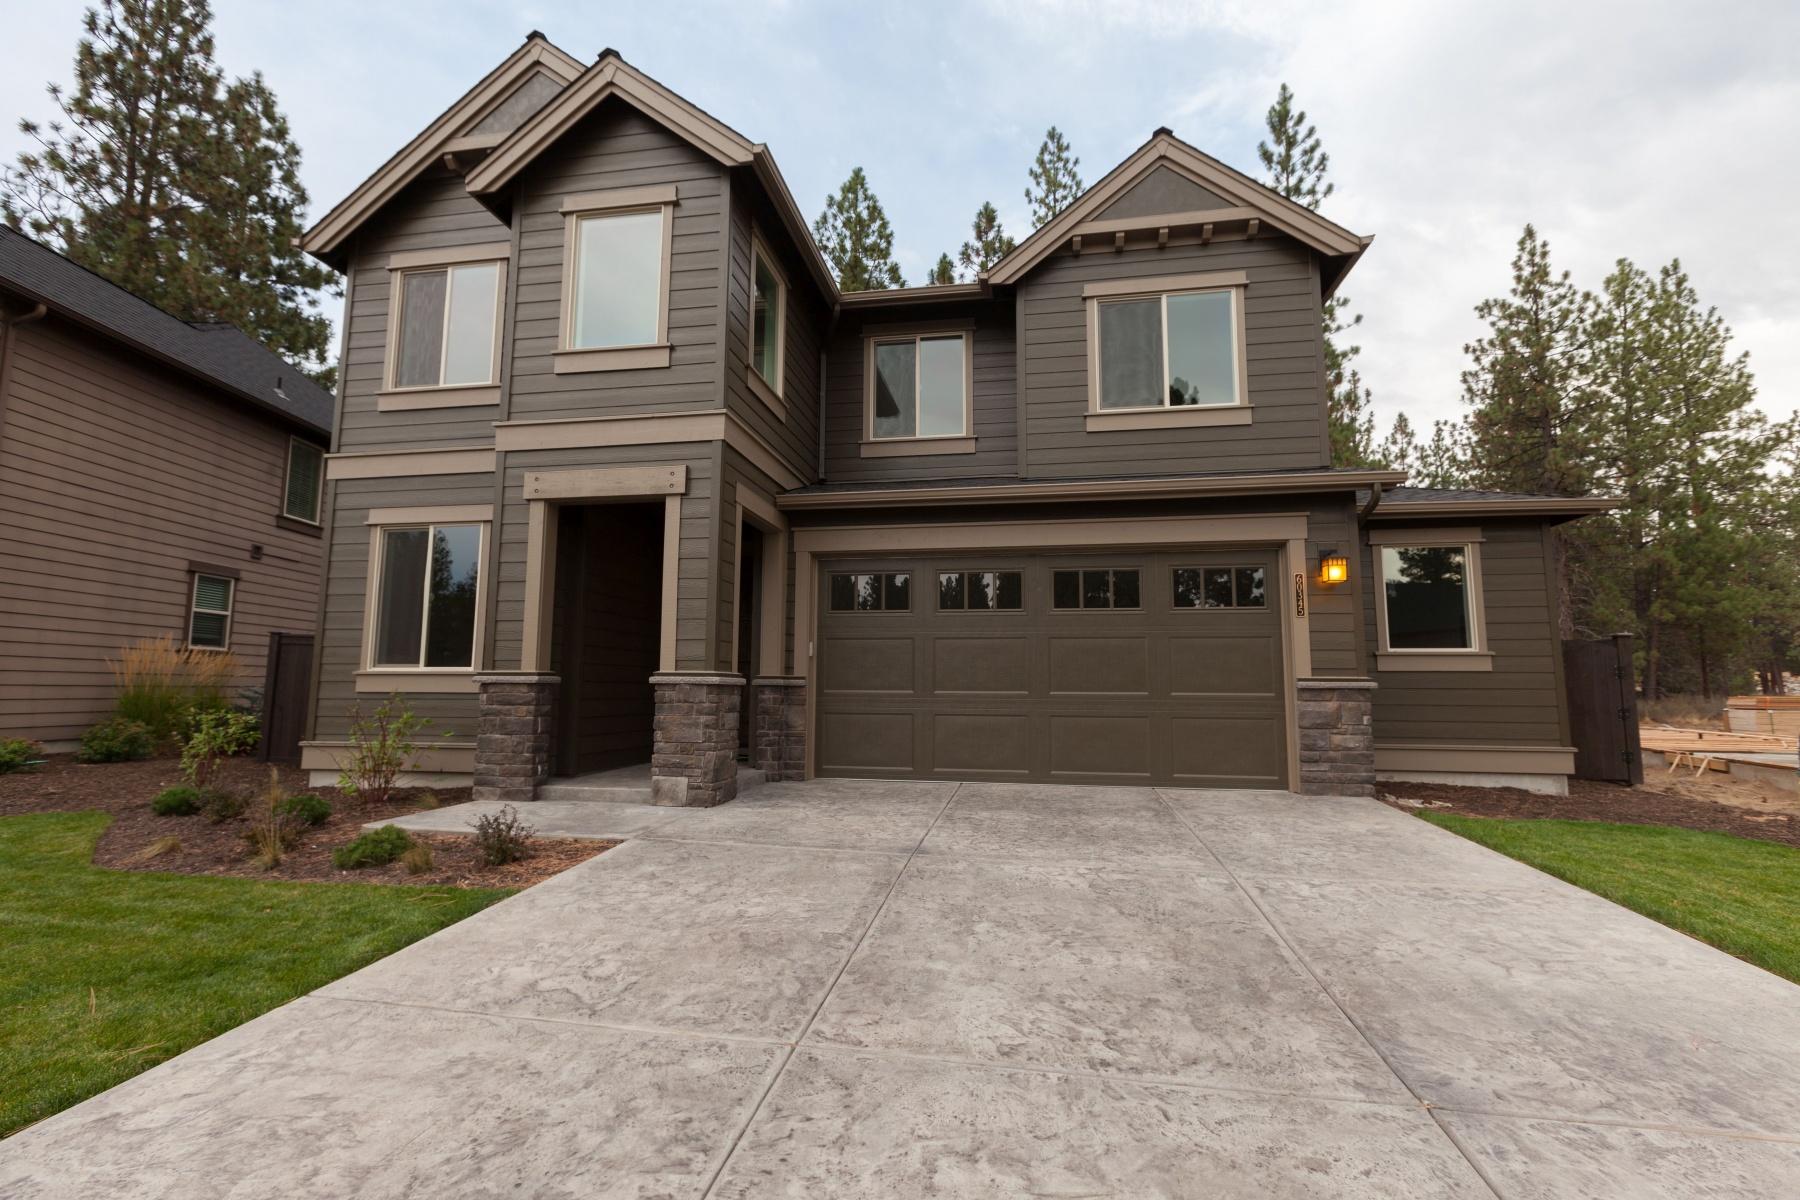 Casa Unifamiliar por un Venta en 1243 NE Sunrise Street Lot 79, PRINEVILLE 1243 NE Sunrise St Lot 79 Prineville, Oregon, 97754 Estados Unidos